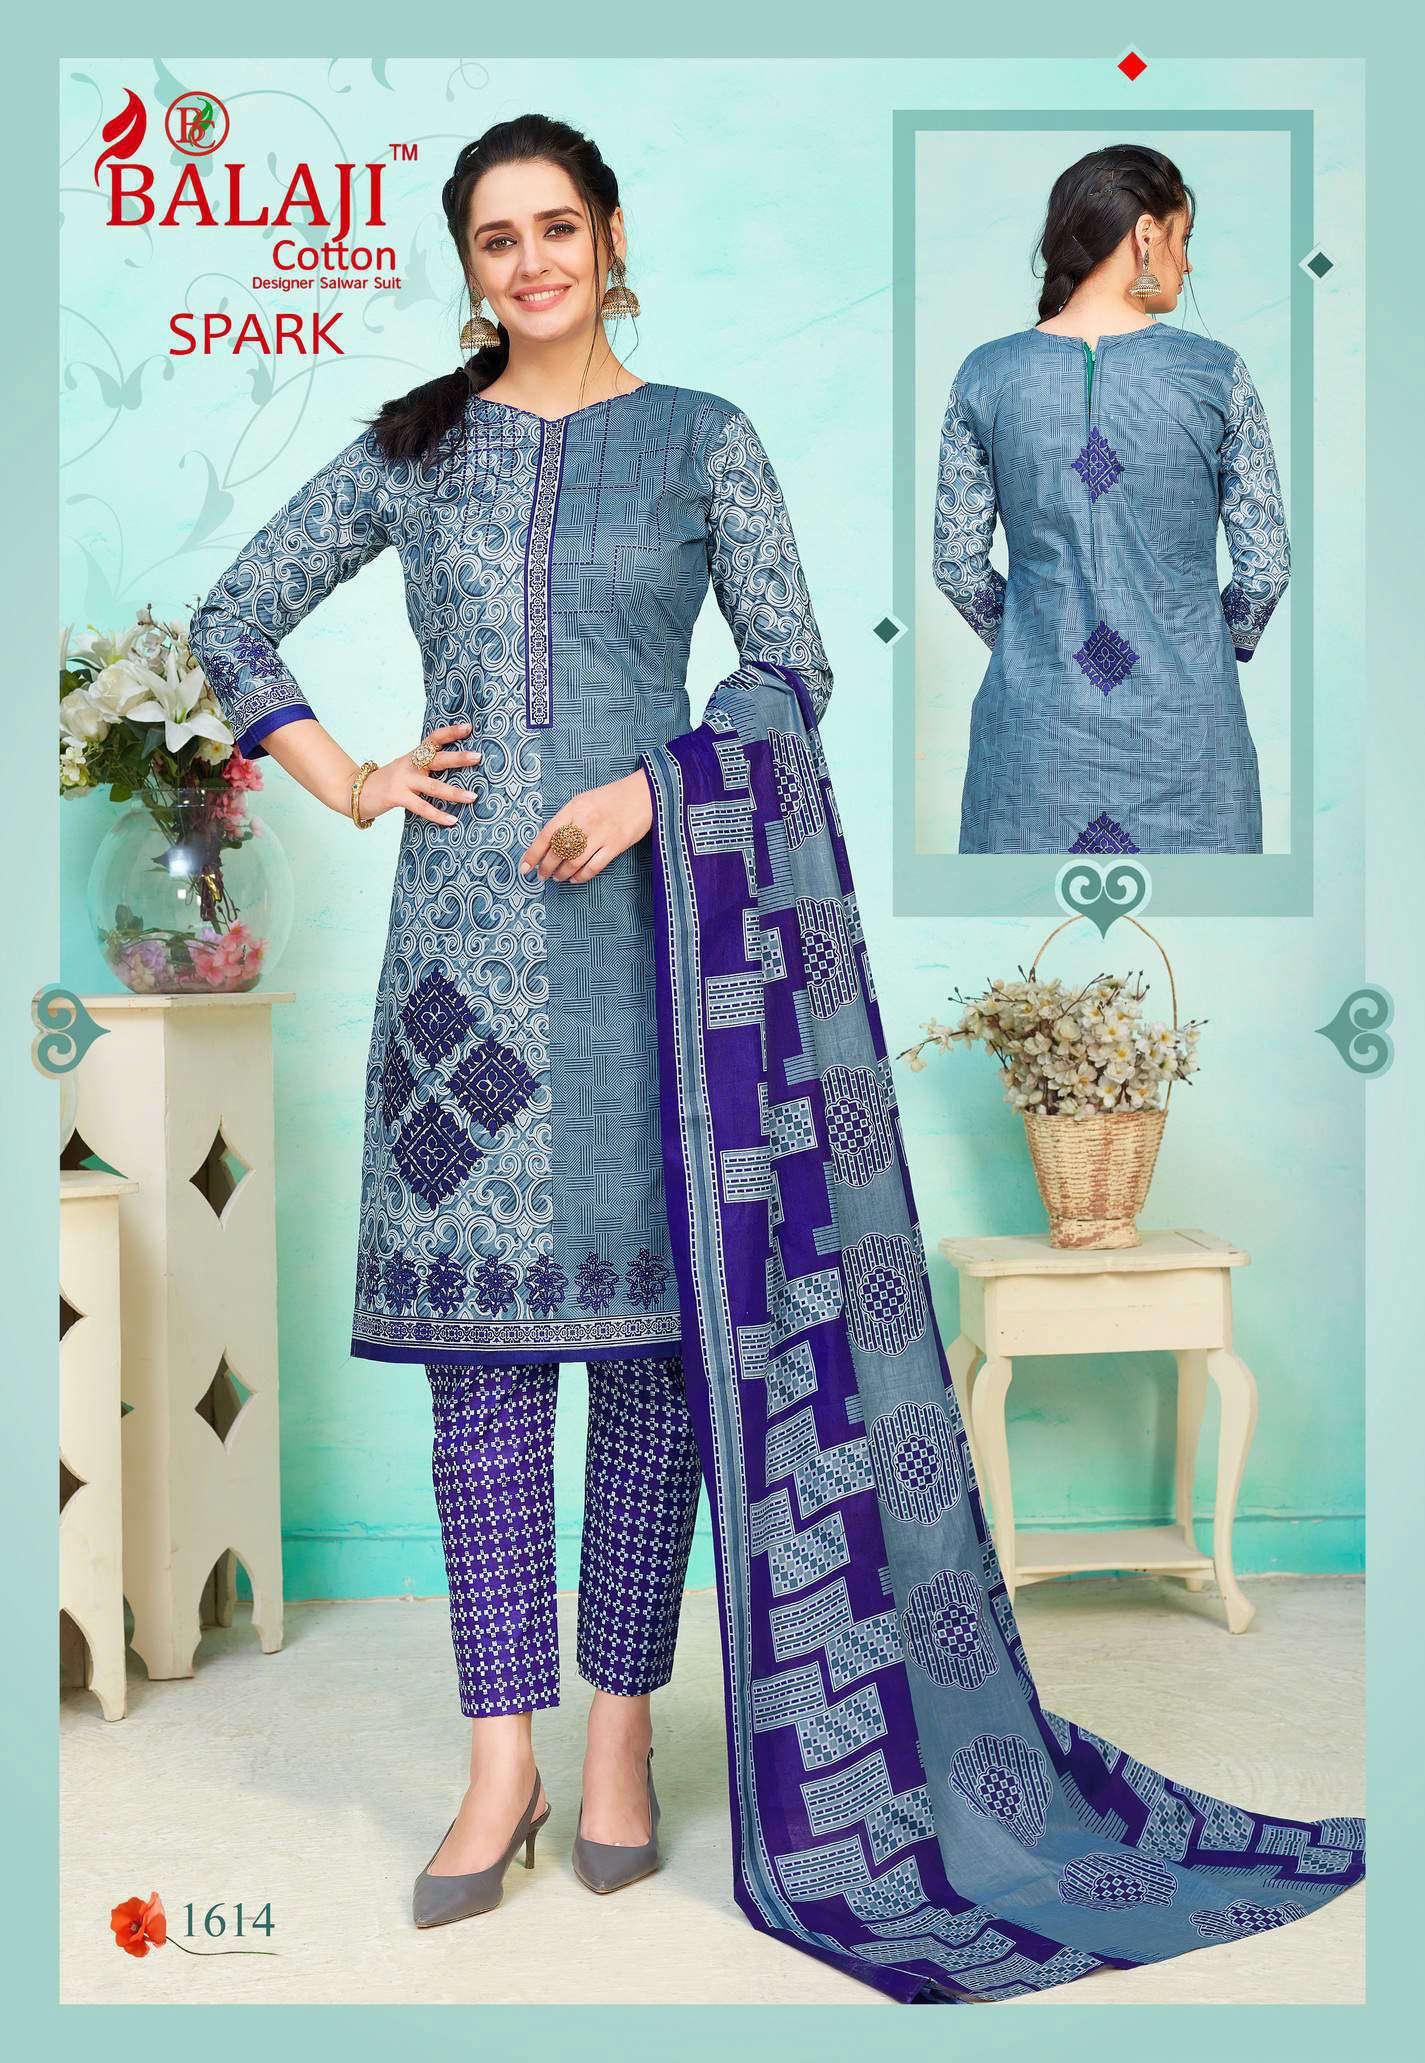 Balaji Cotton Spark Vol 16 Salwar Suit Wholesale Catalog 16 Pcs 14 - Balaji Cotton Spark Vol 16 Salwar Suit Wholesale Catalog 16 Pcs